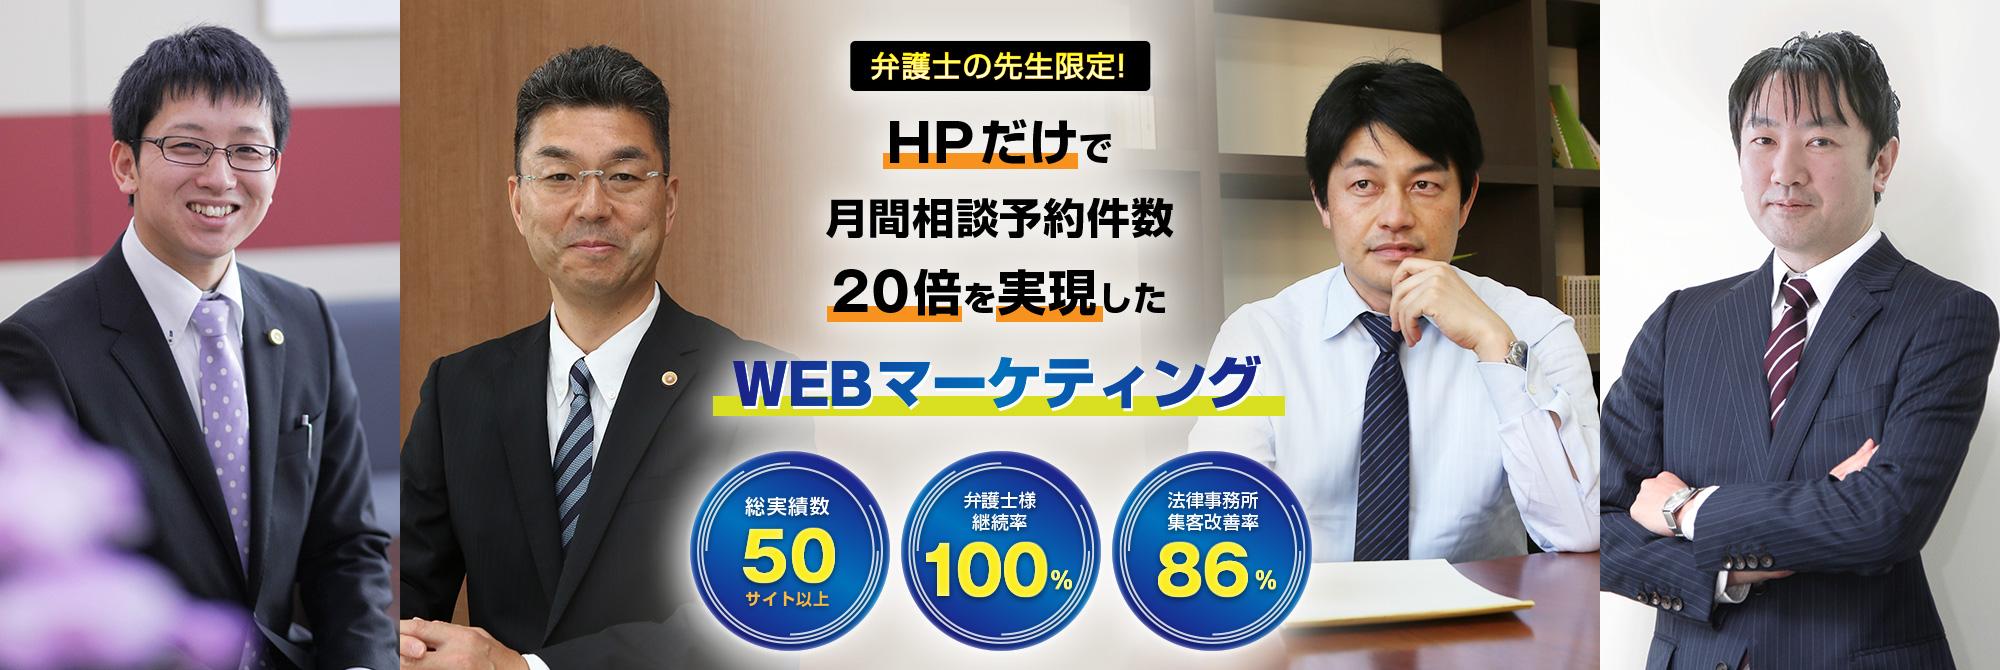 弁護士の先生限定!HPだけで月間相談予約件数20倍を実現したWEBマーケティング